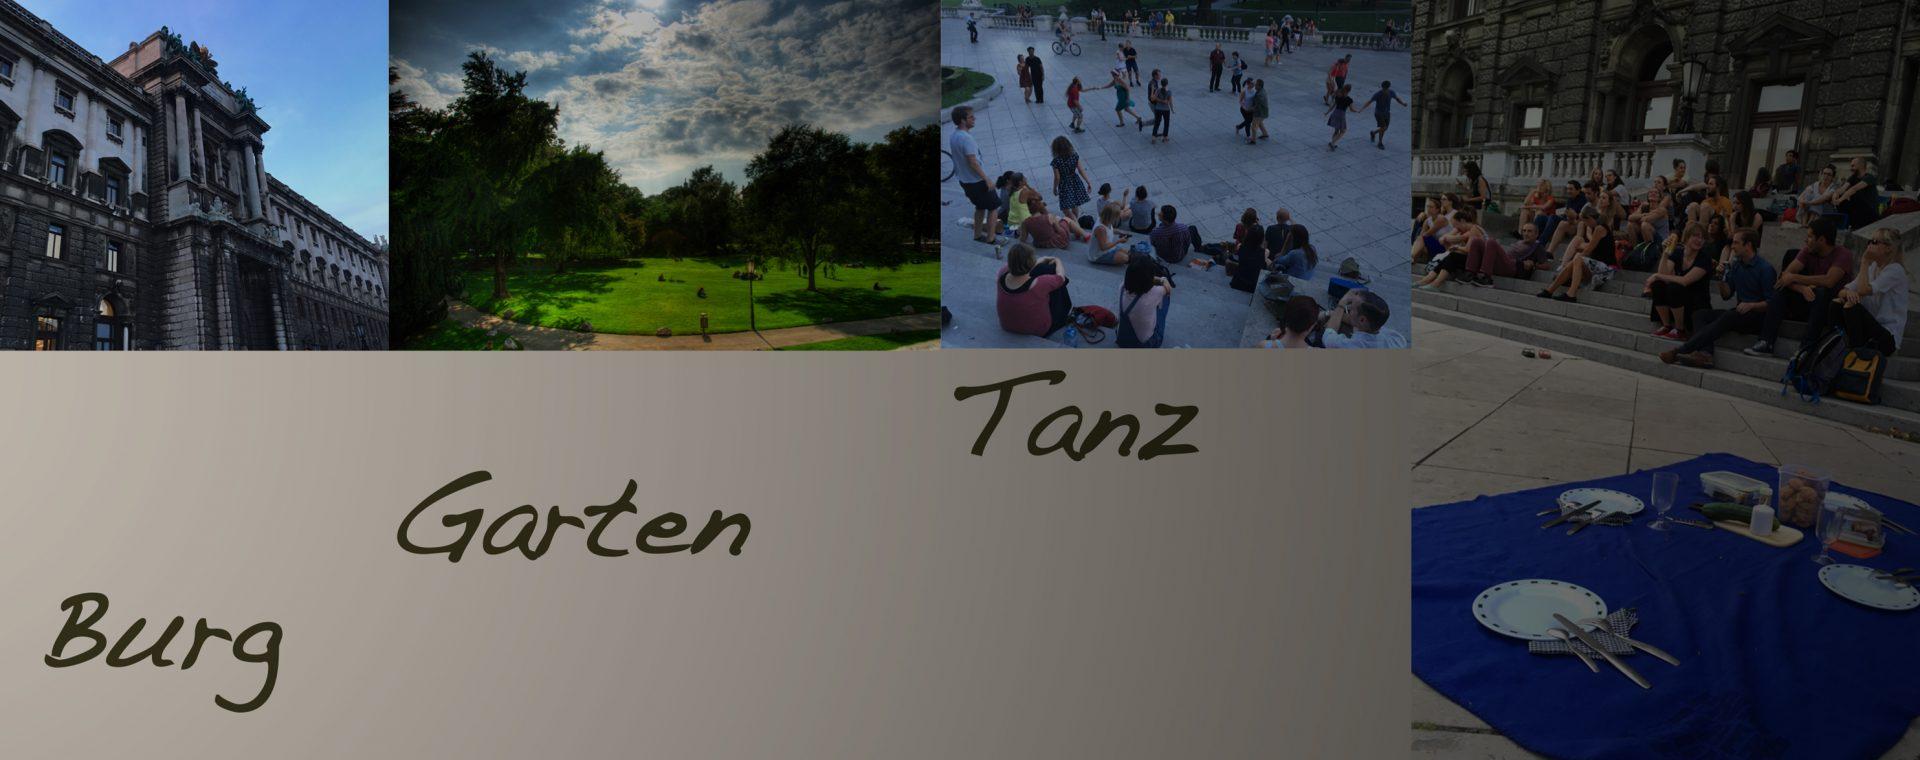 Burgarten Tanz